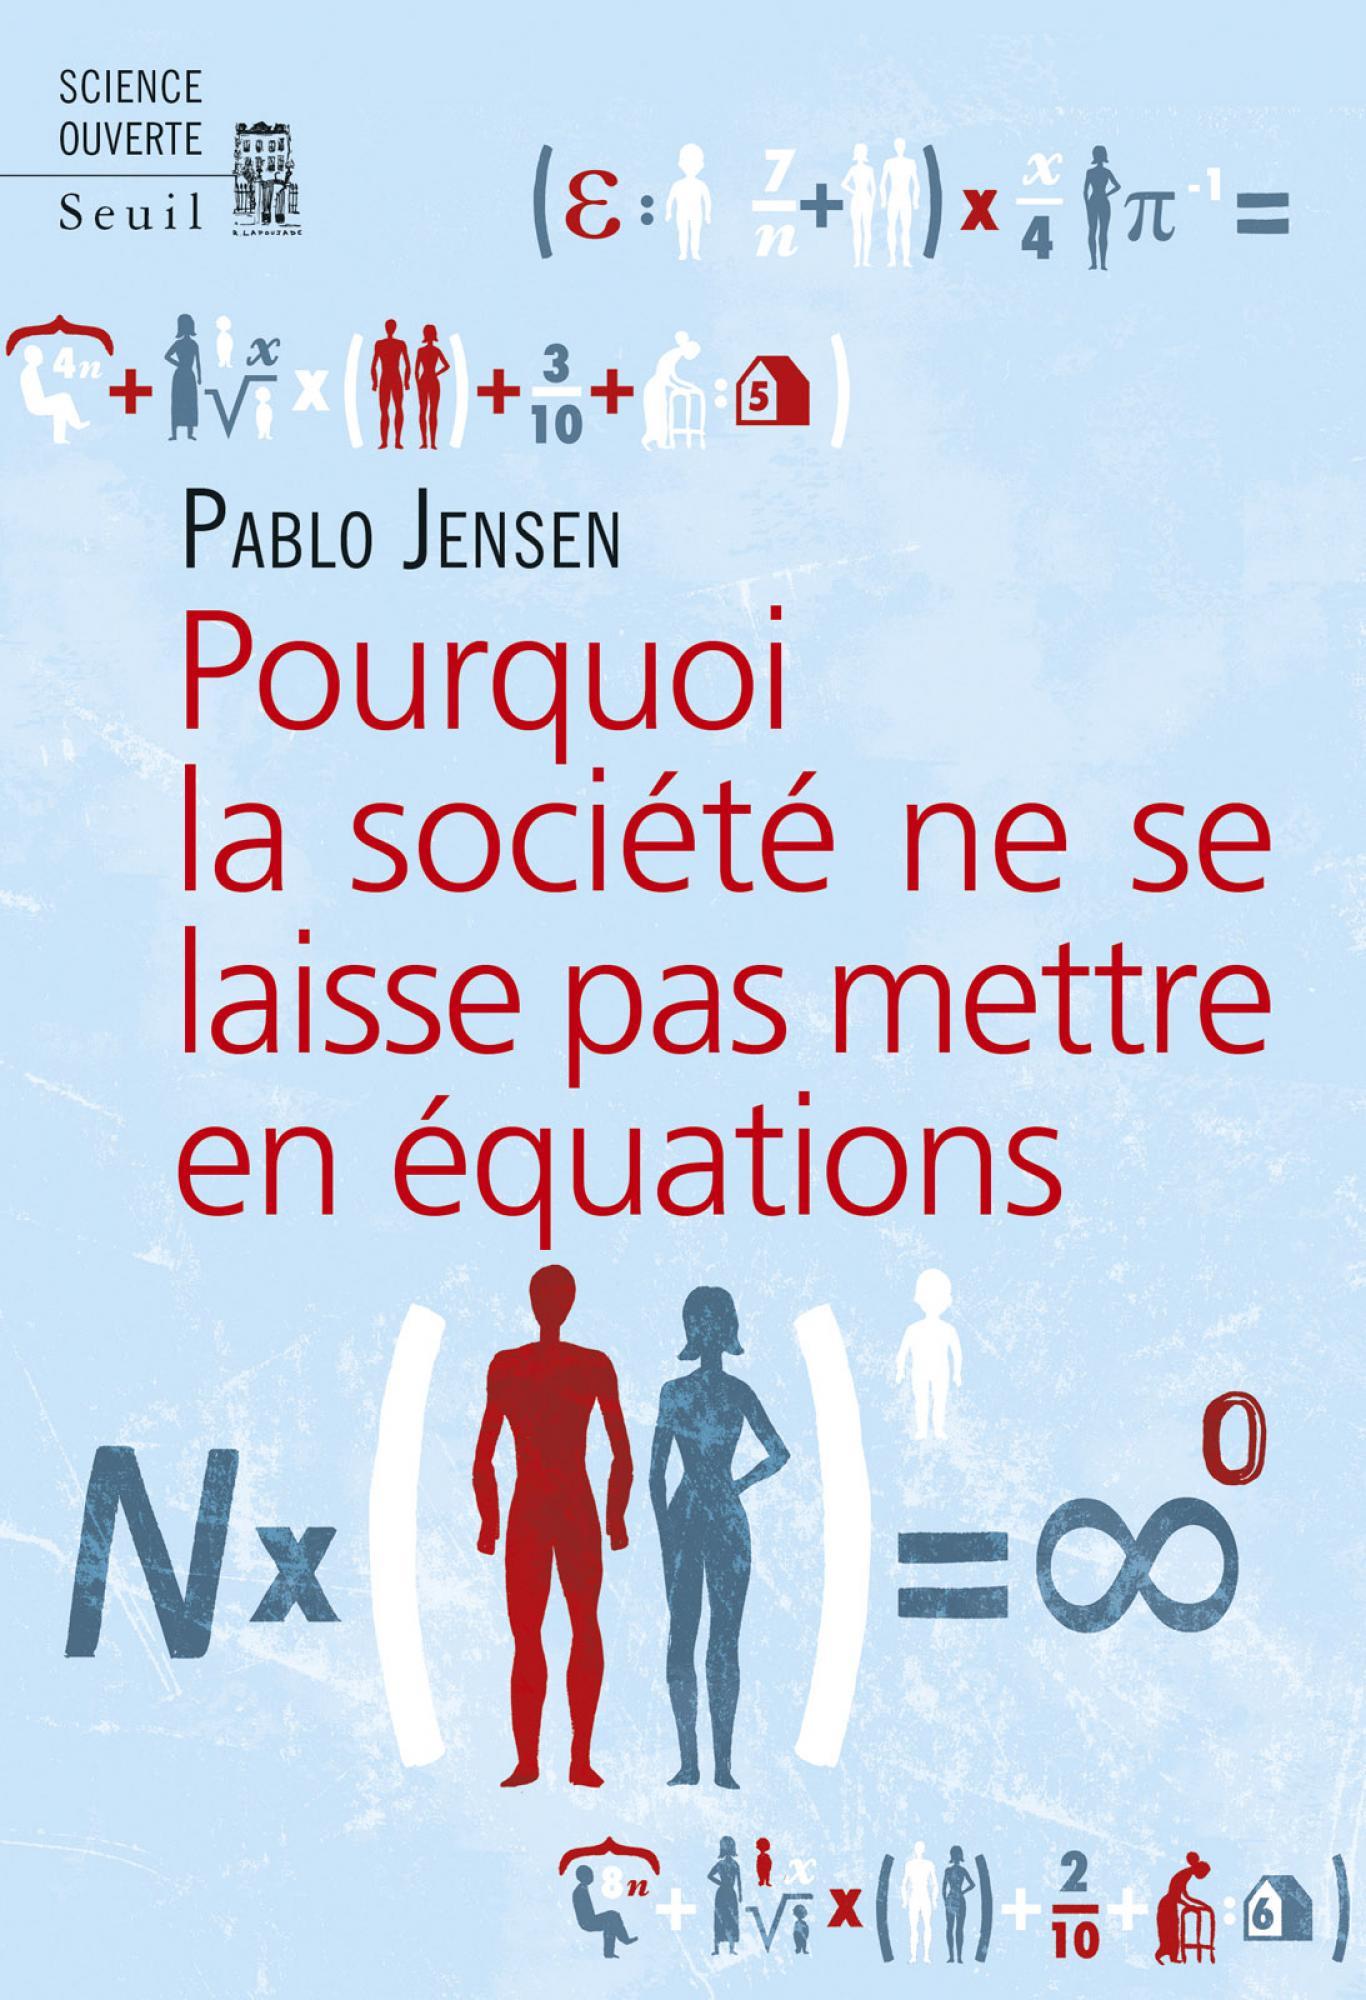 jensen_pourquoi_la_societe_ne_se_laisse_pas_mettre_en_equations.jpg